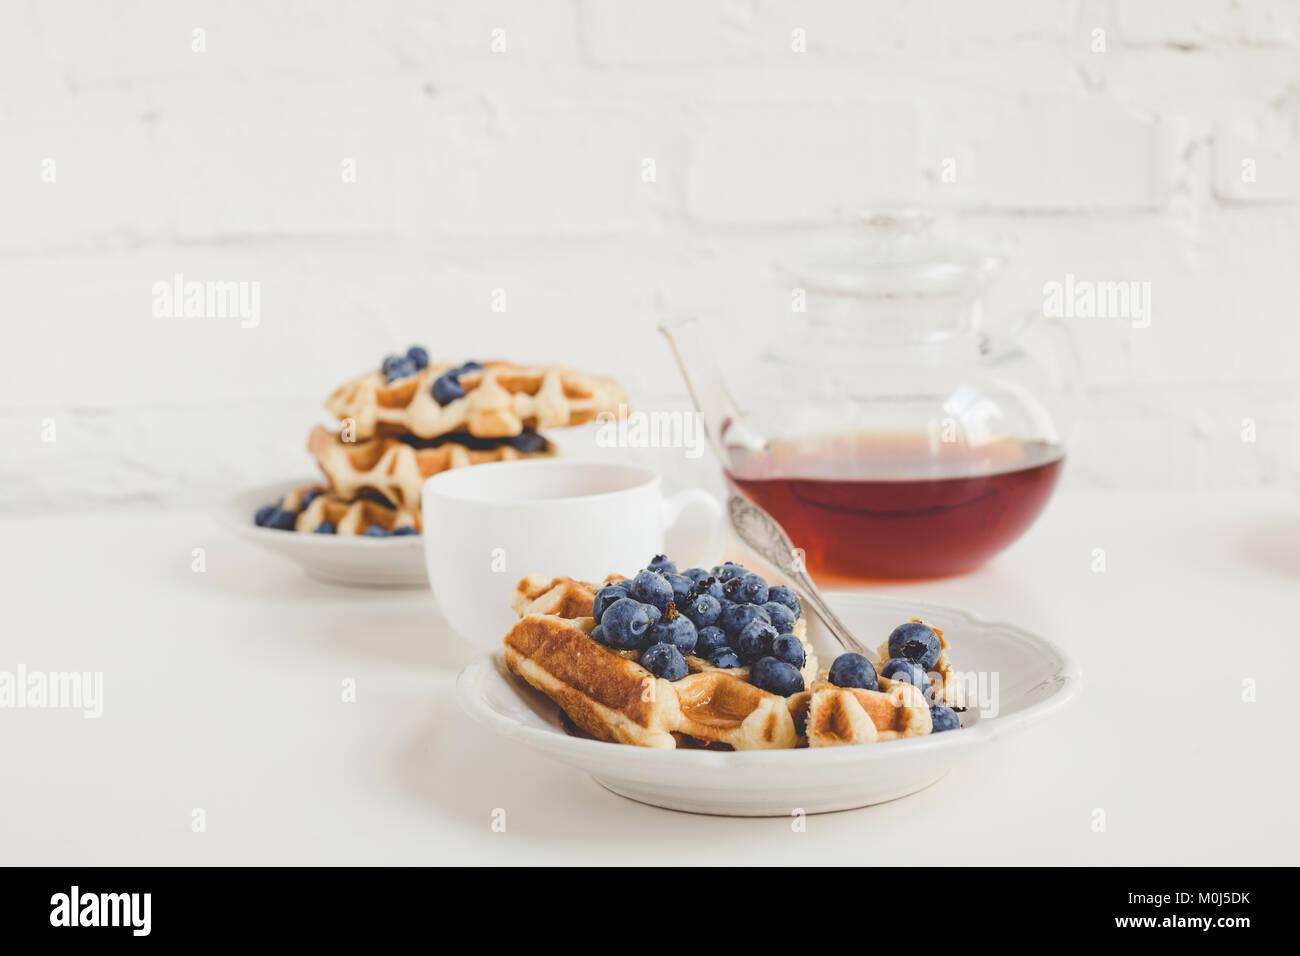 Köstliches Frühstück mit frisch gebackenen Waffeln mit Heidelbeeren und Kaffee Stockbild